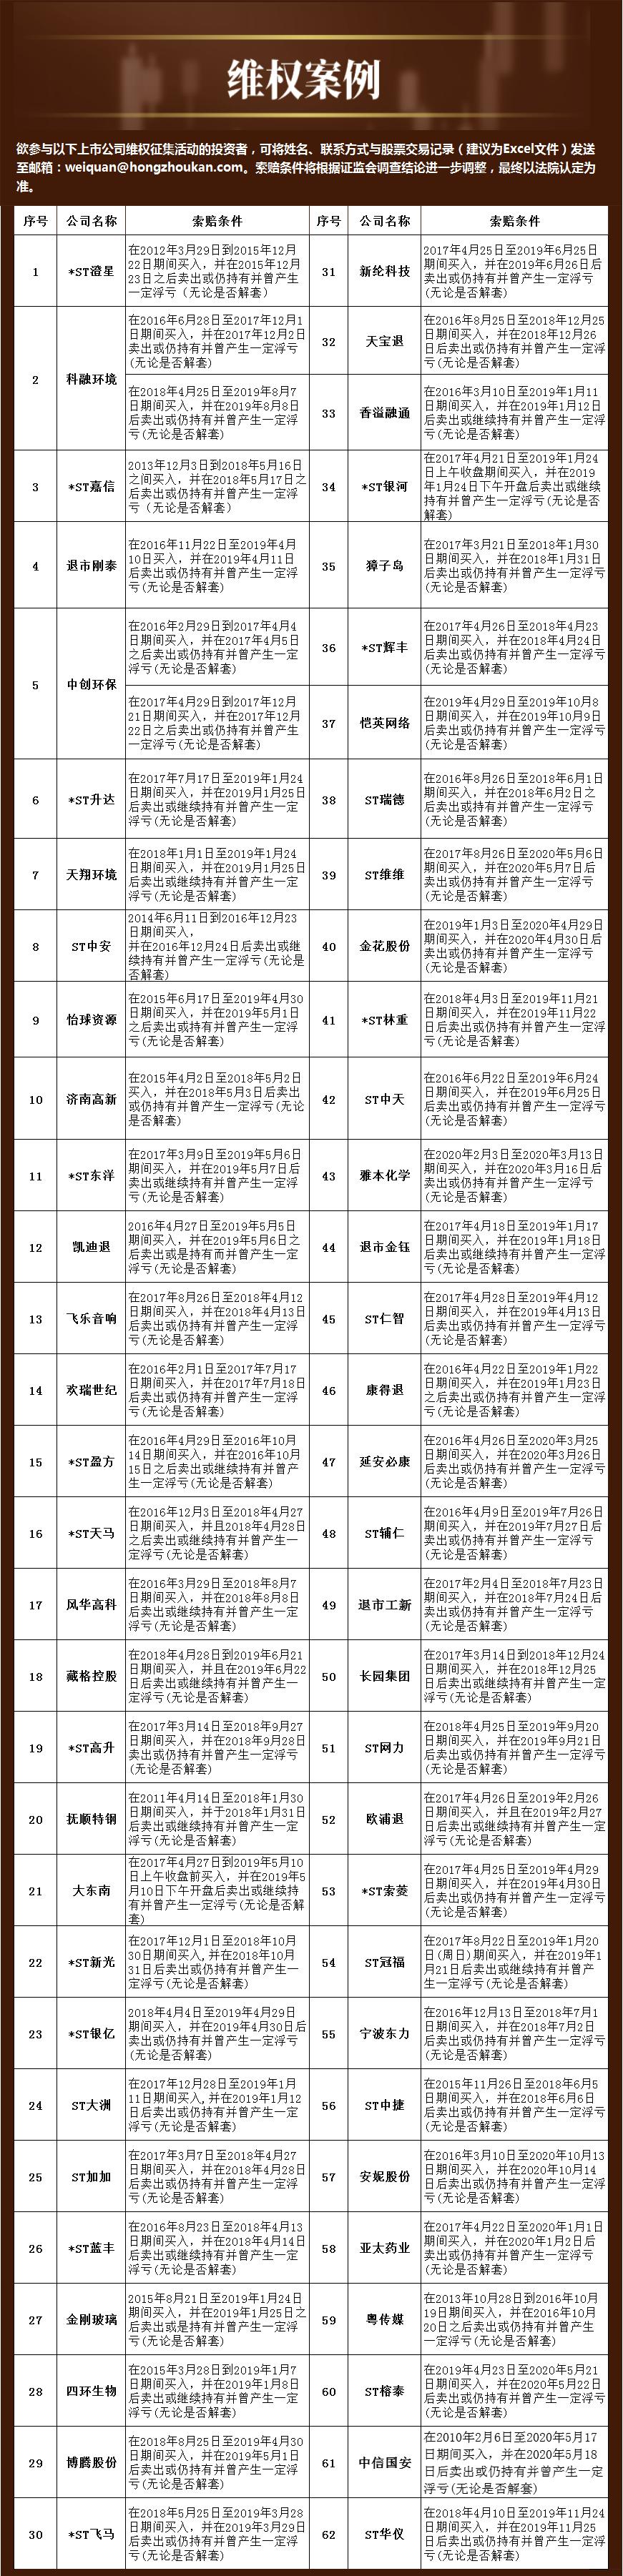 民间维权   6月10日起*ST北讯证券简称变为北讯退